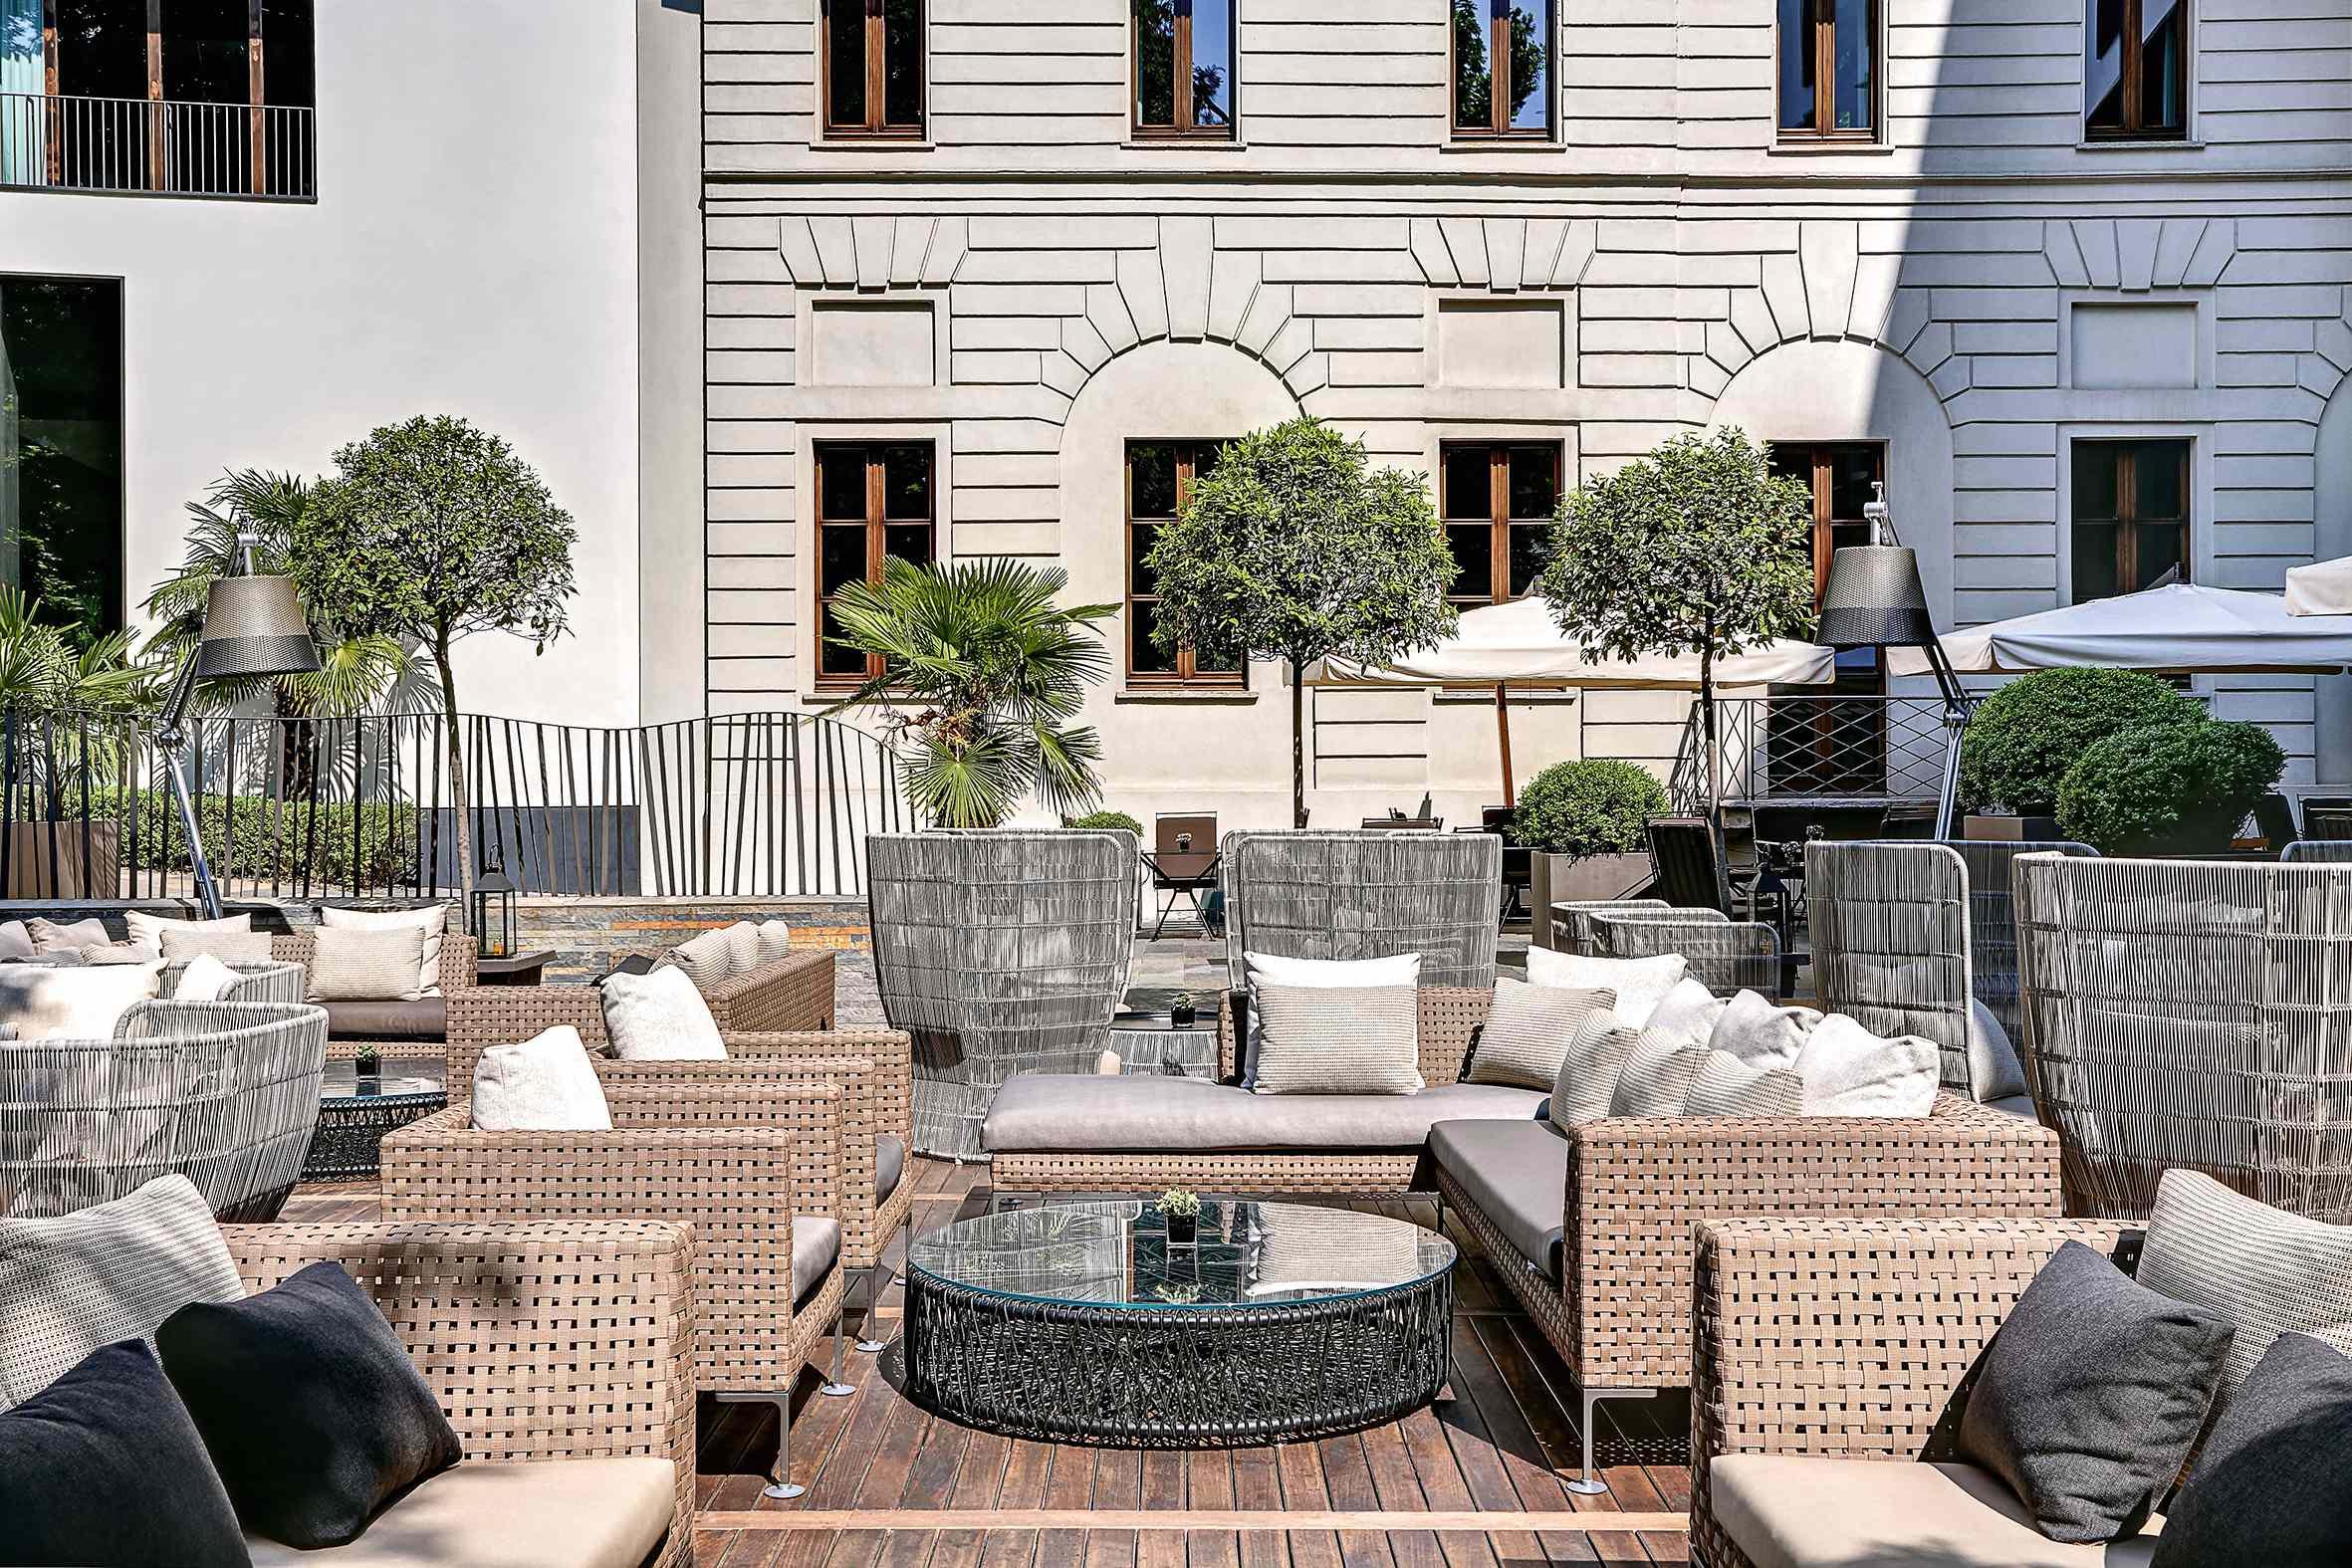 B&B Italia _ Bulgari hotel Mediolan